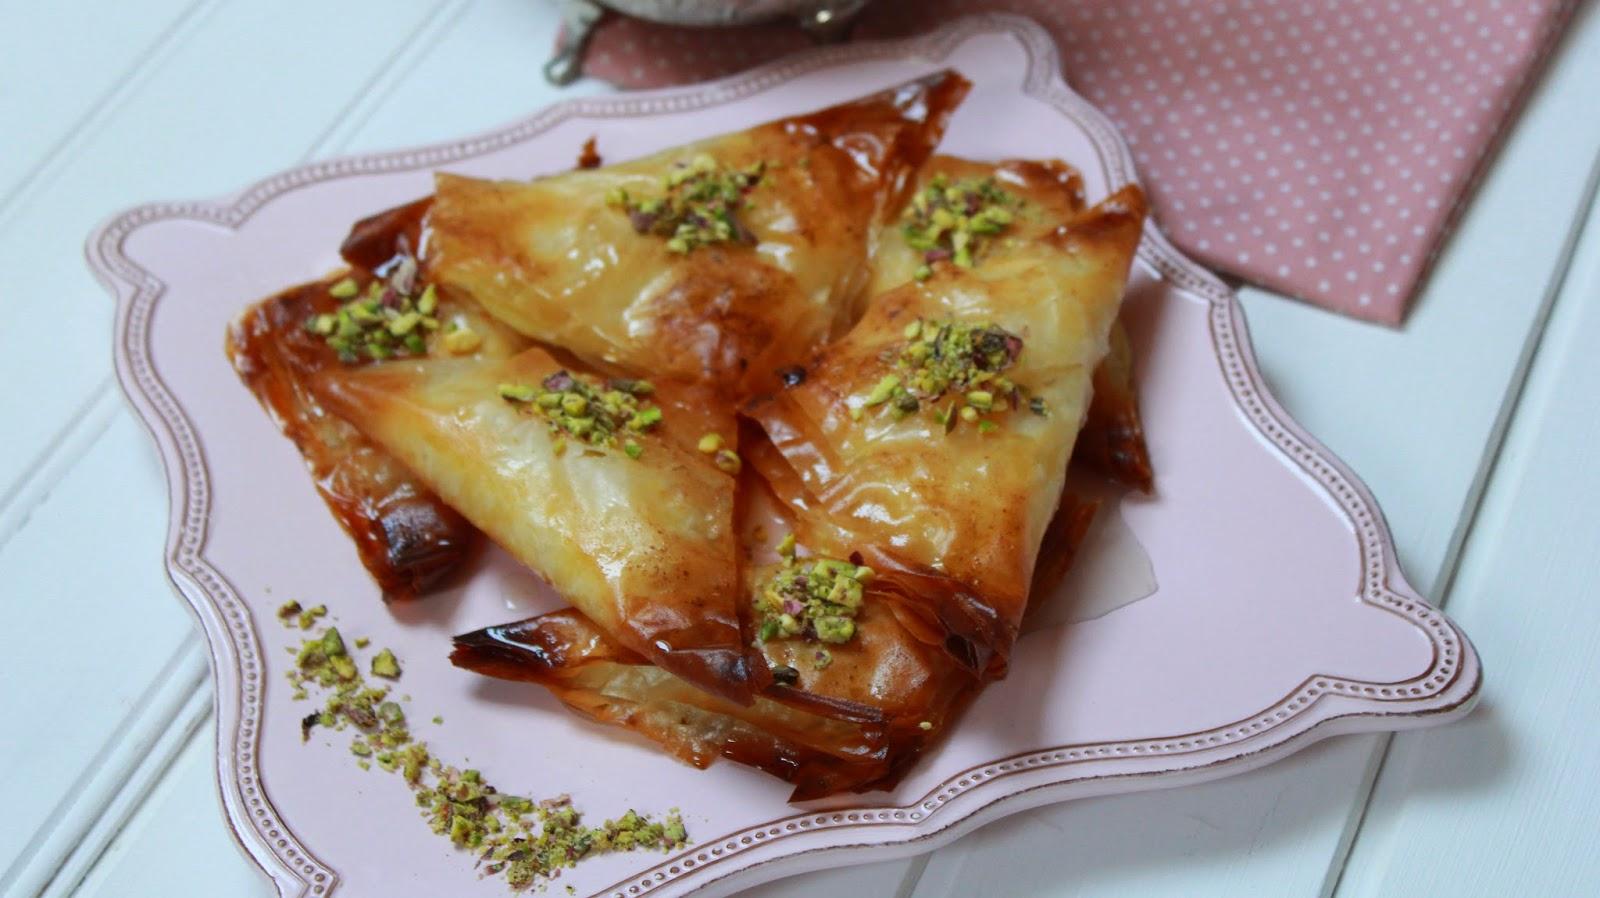 Operaci n pastelito dulces rabes con pasta filo y crema - Que hacer con la pasta filo ...